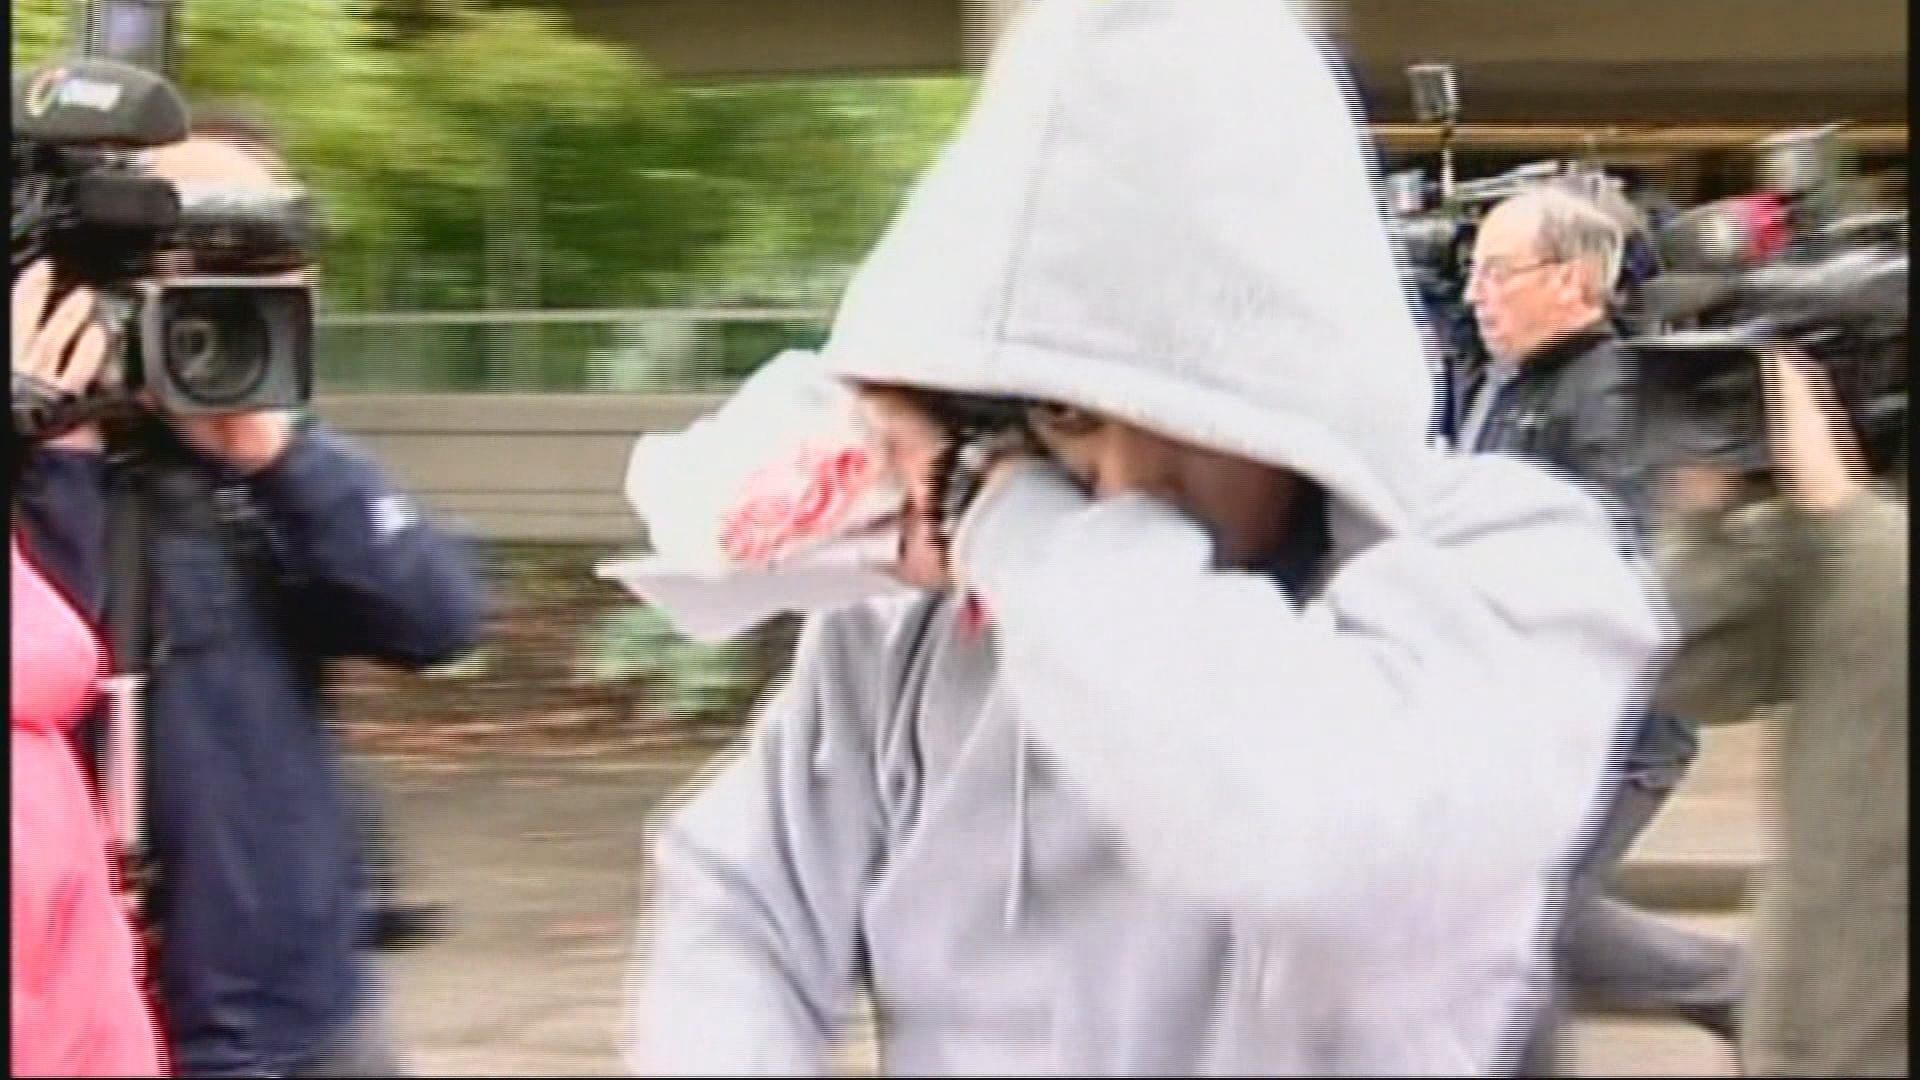 Maple Batalia's killer granted escorted leave from prison